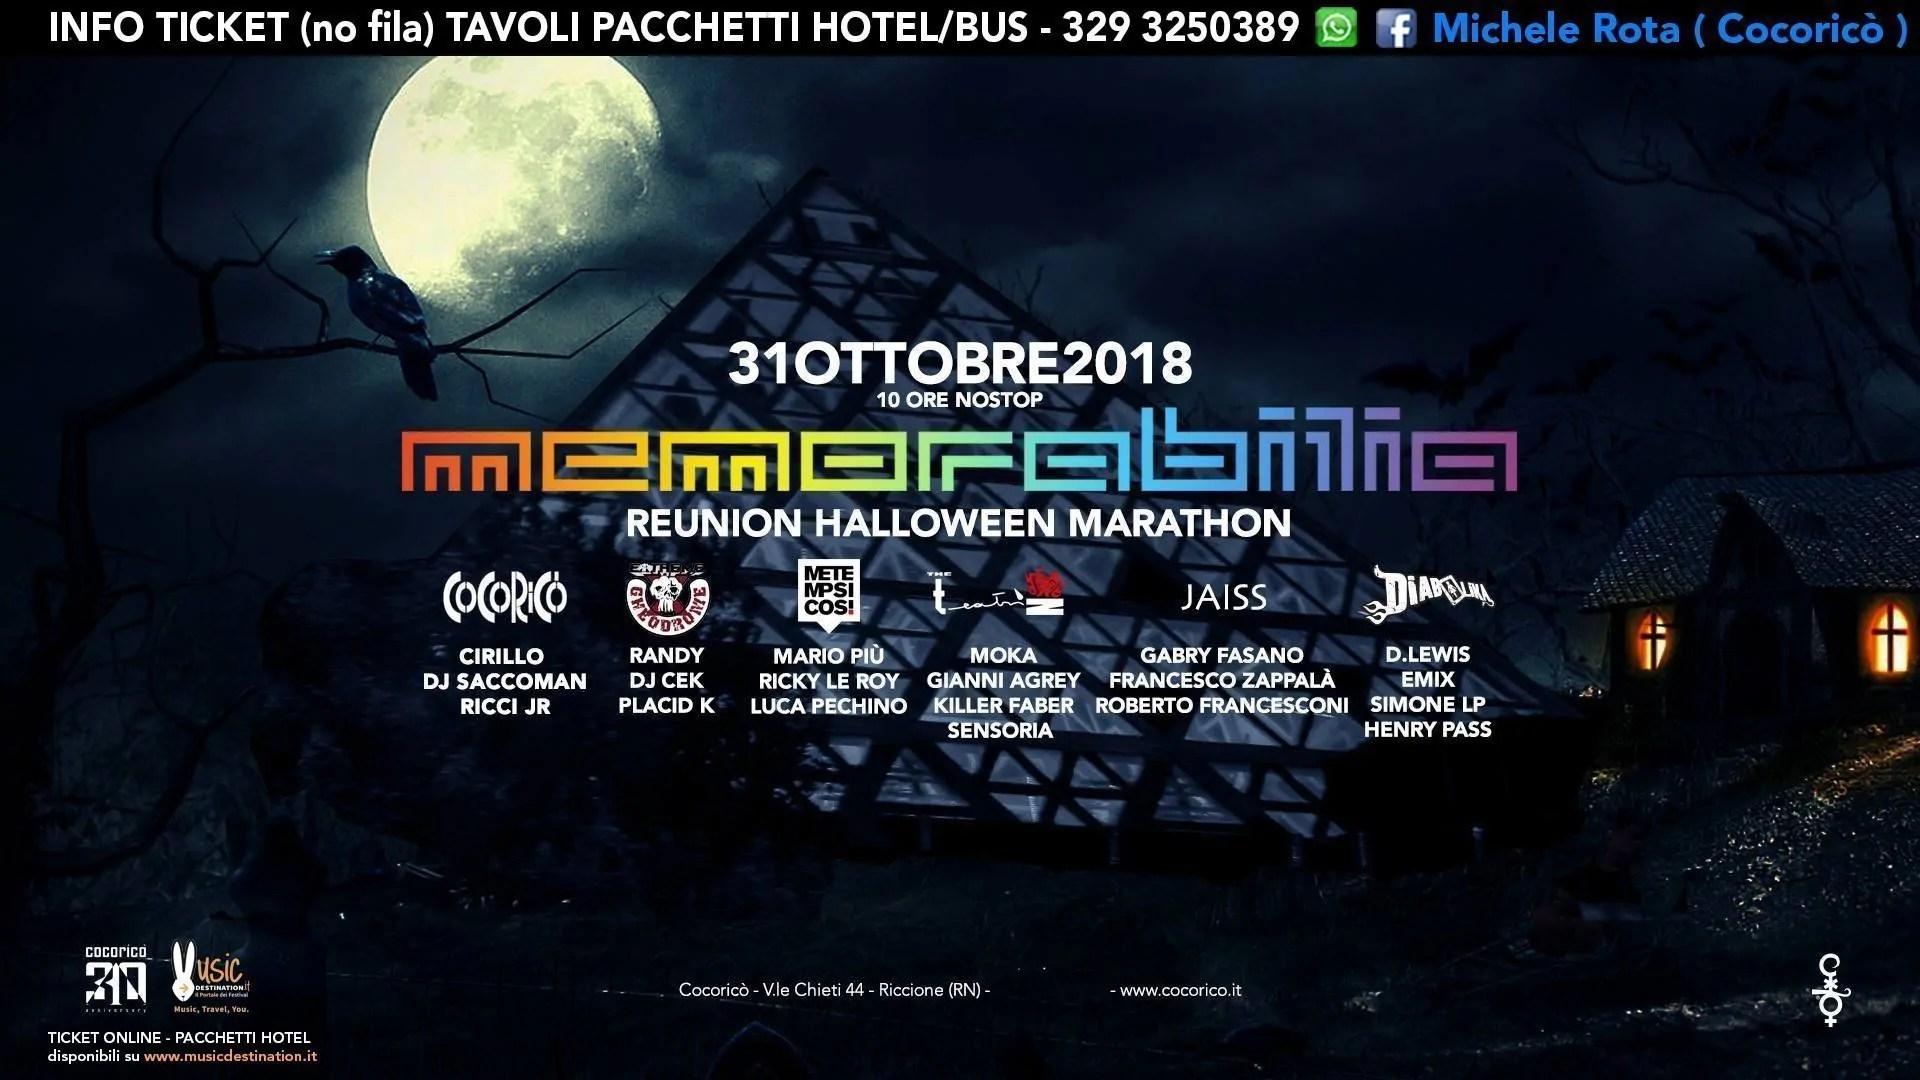 31 Ottobre 2018 HALLOWEEN MEMORABILIA Cocorico Riccione   Prezzi Ticket Pacchetti Hotel Bus